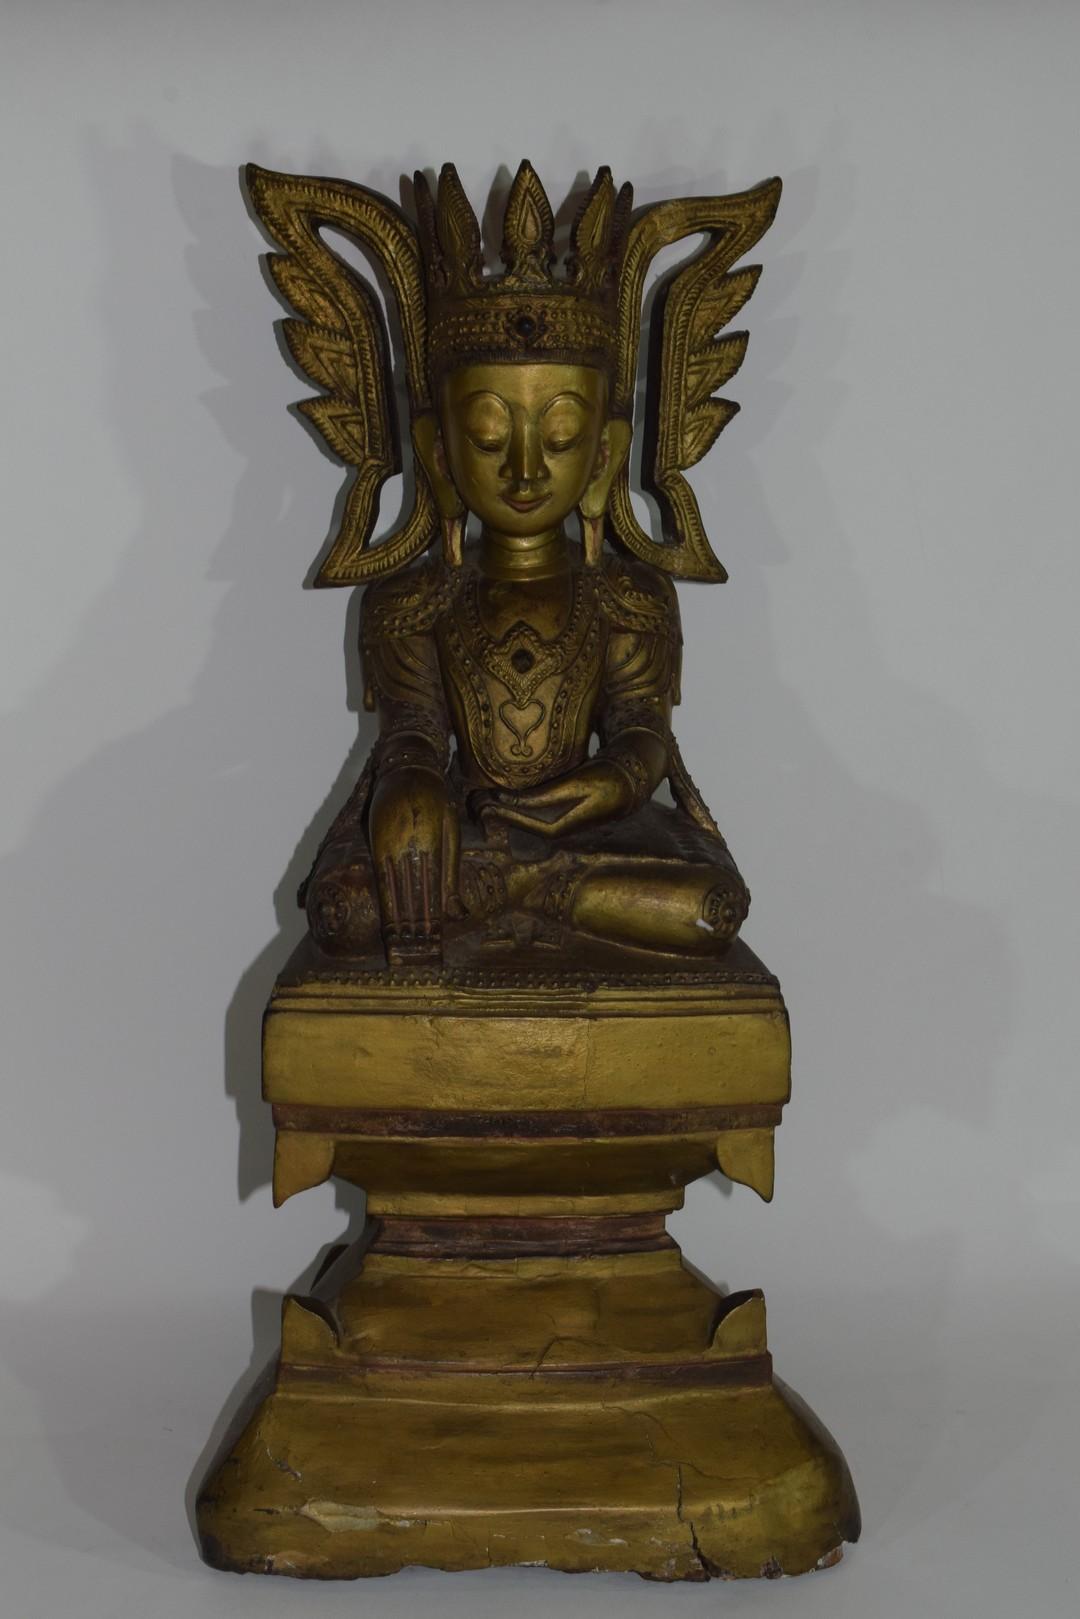 Wooden model of Maitreya